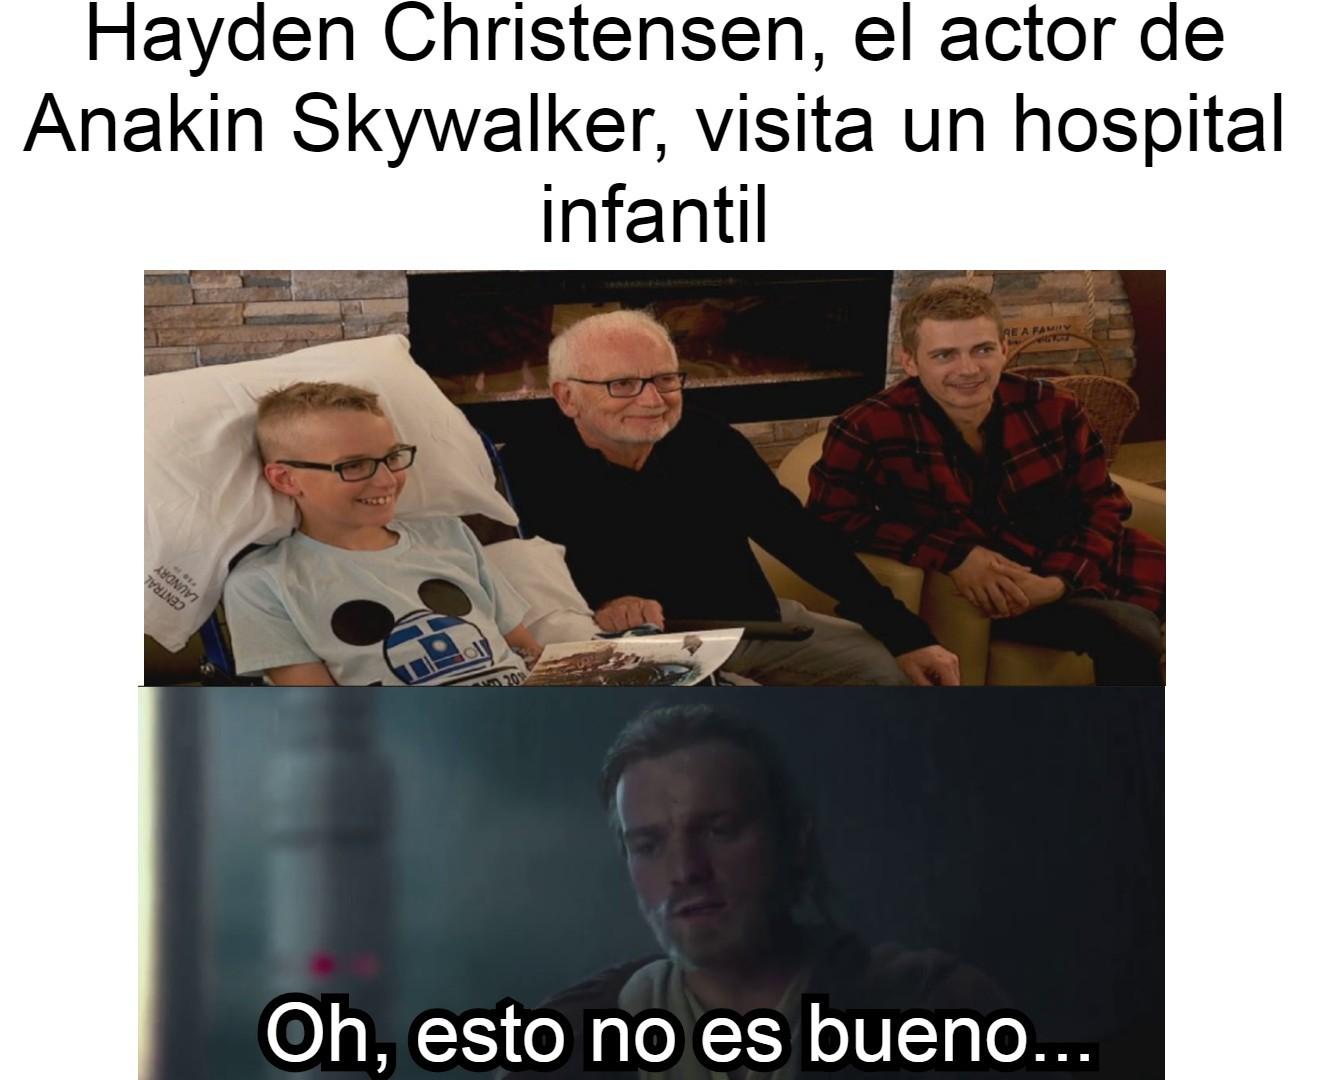 Contexto: En el episodio 3 de Star Wars, Anakins se vuelve Vader y asesina niños... Ya podrán imaginar que sigue después. - meme